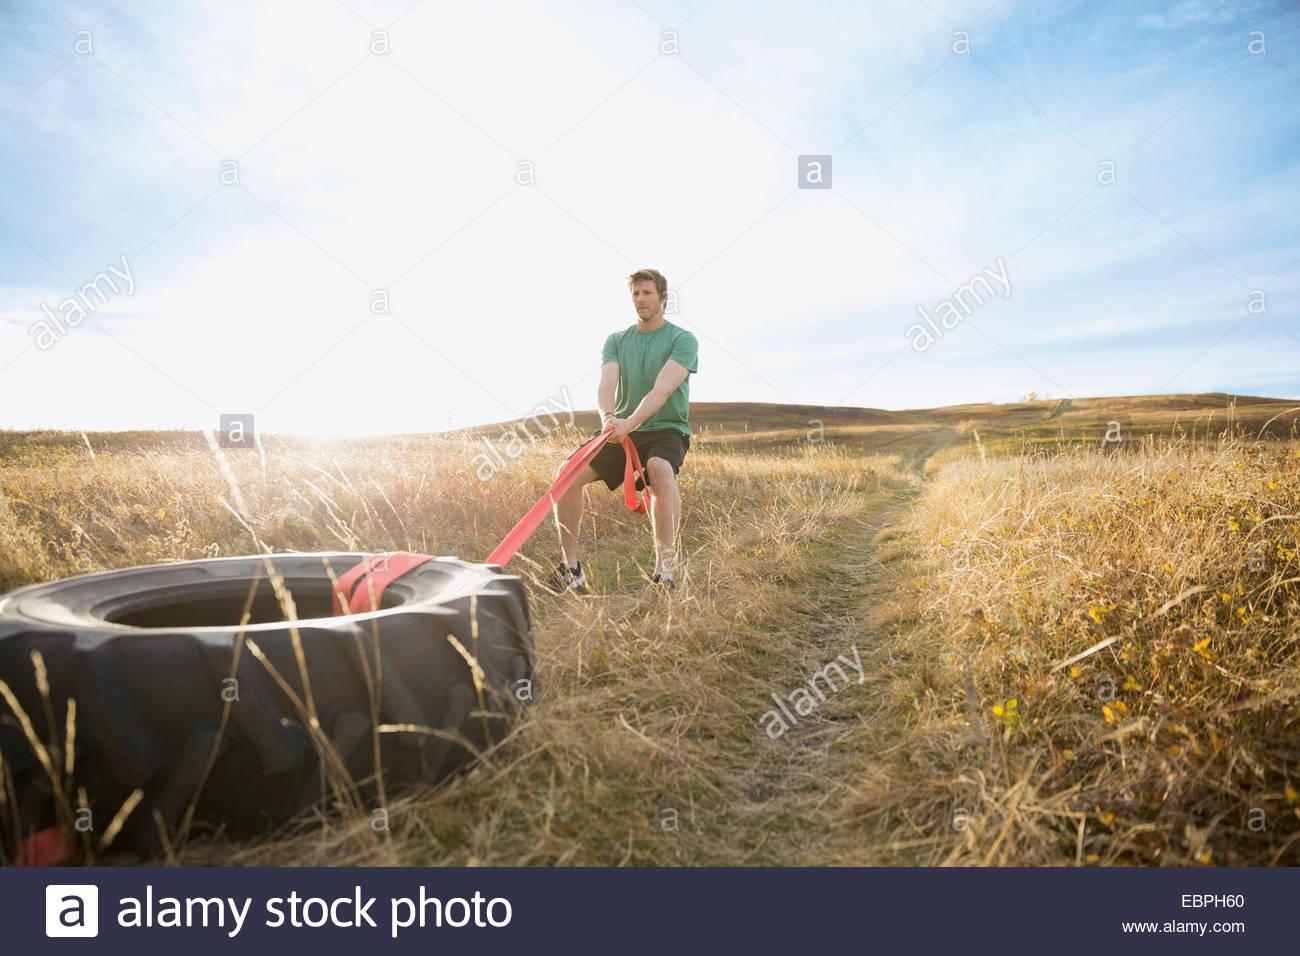 L'uomo tirando crossfit pneumatico nel soleggiato campo rurale Immagini Stock